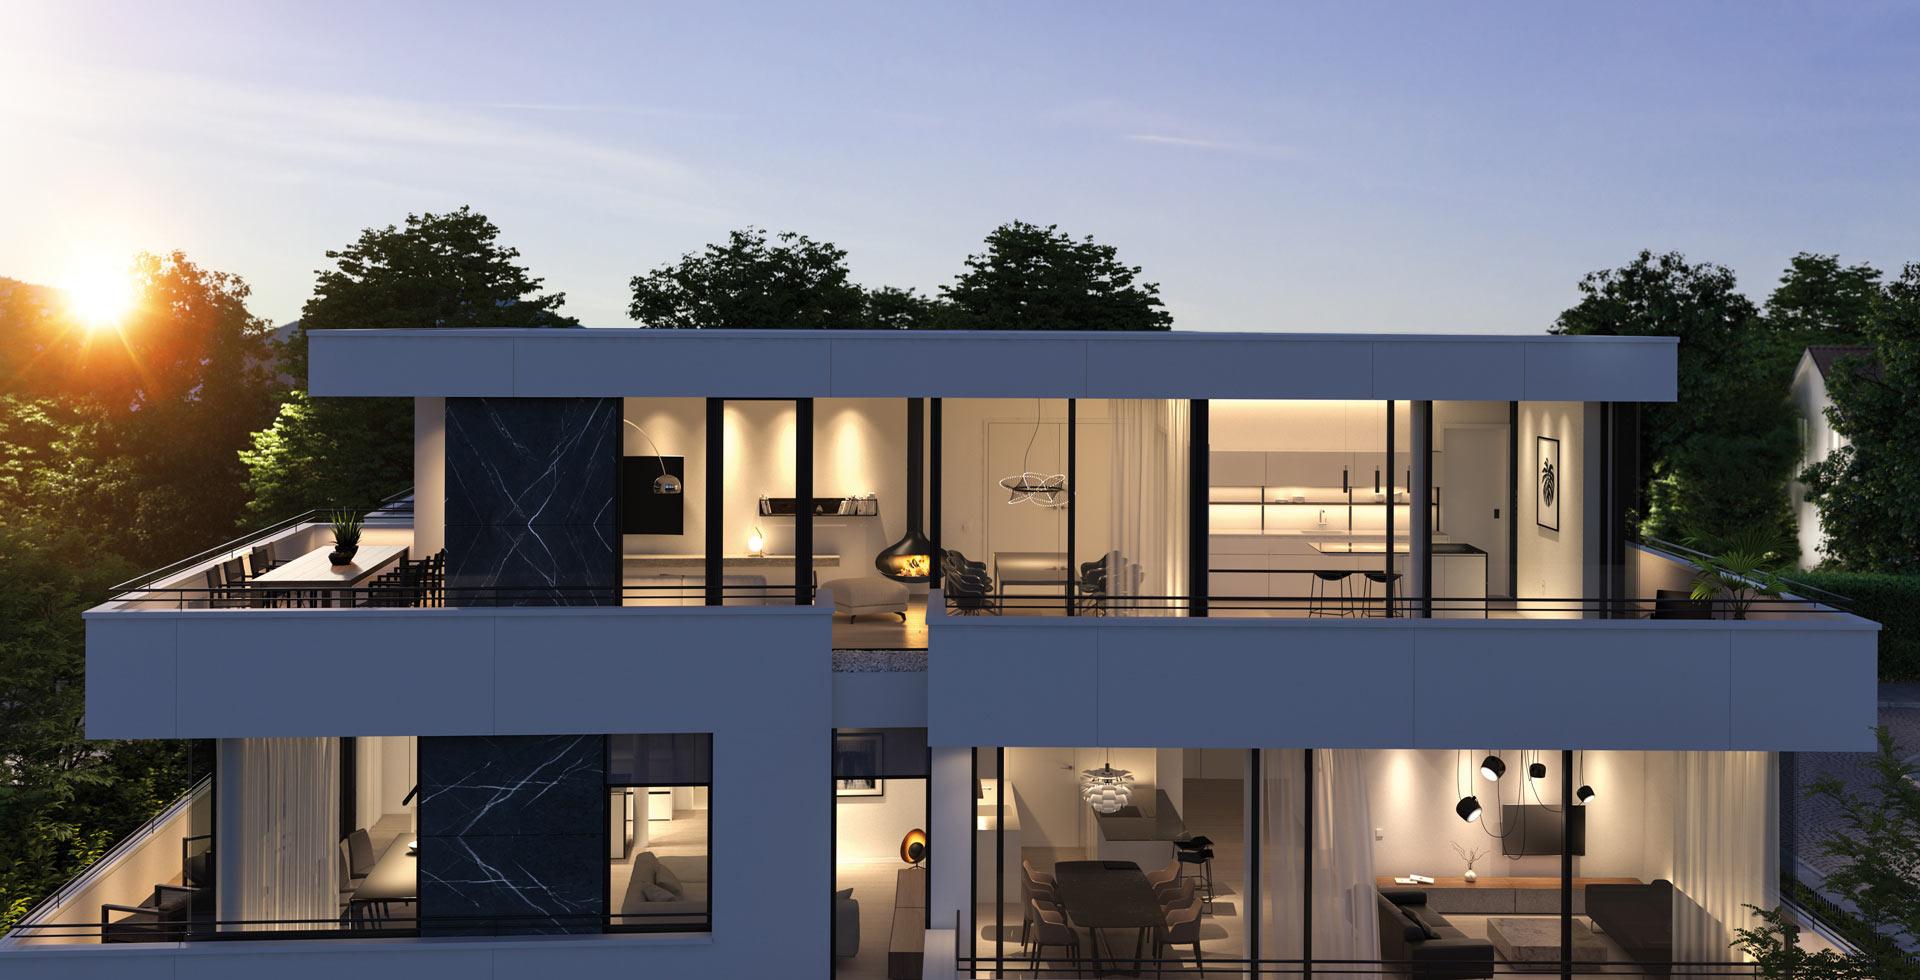 LHOMES_Archtitektur-Header-Penthouse-Flemingstr